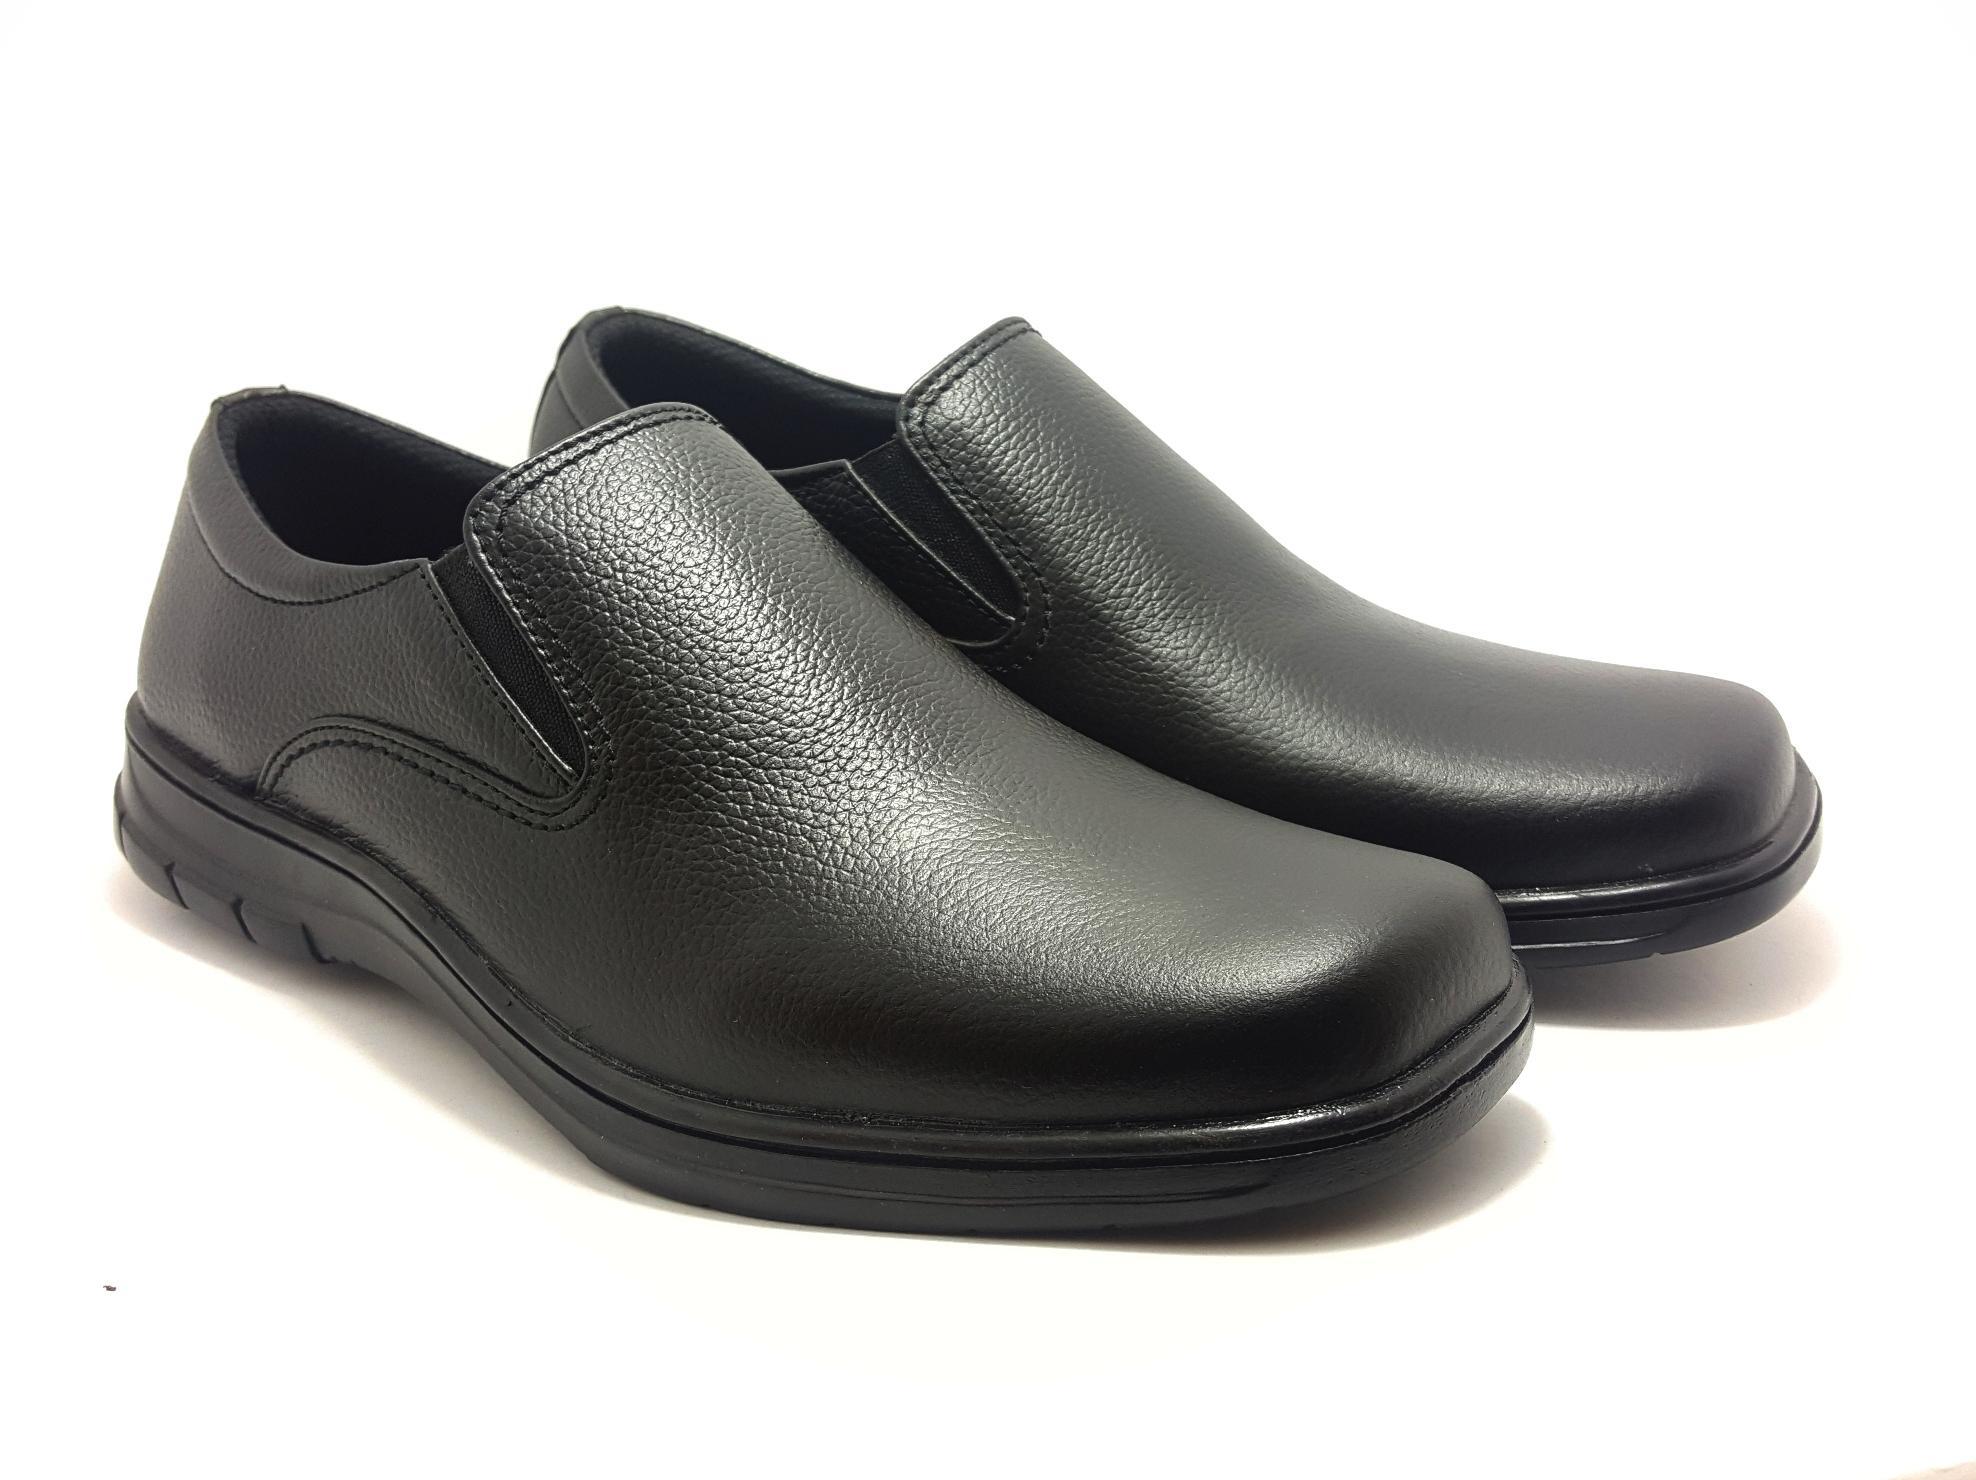 Sepatu Pria Kulit Asli Model Simple Cocok Untuk Berangkat Kerja Dan Acara Formal